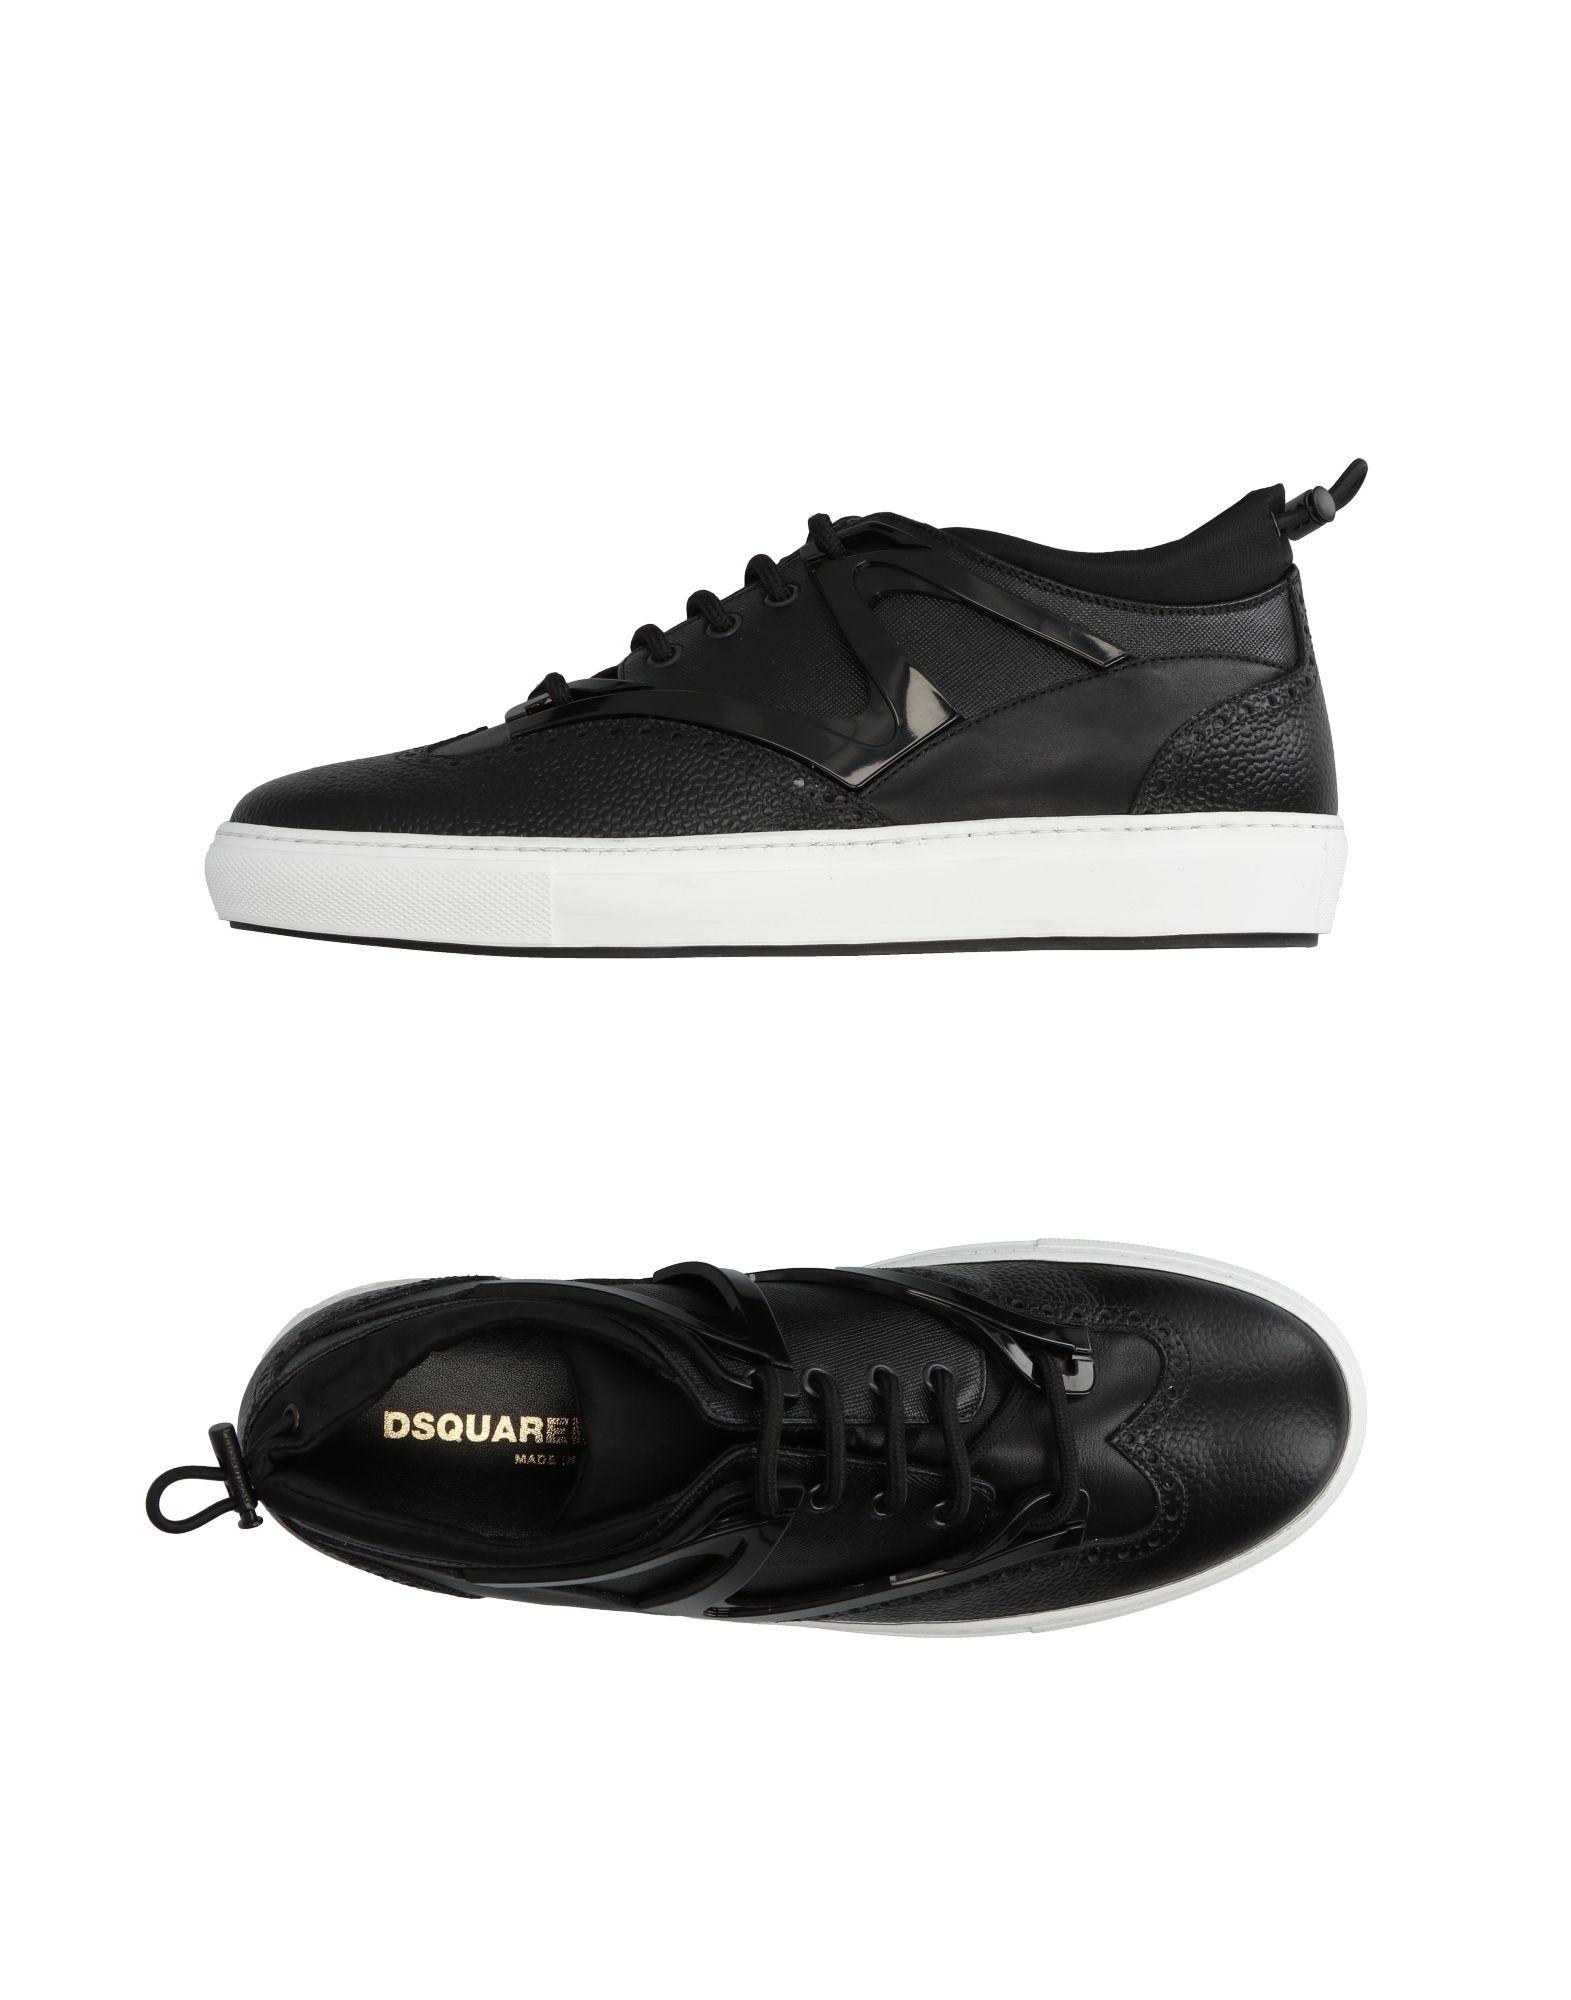 Dsquared2 Sneakers Herren  11298817GV Schuhe Gute Qualität beliebte Schuhe 11298817GV 7128b0